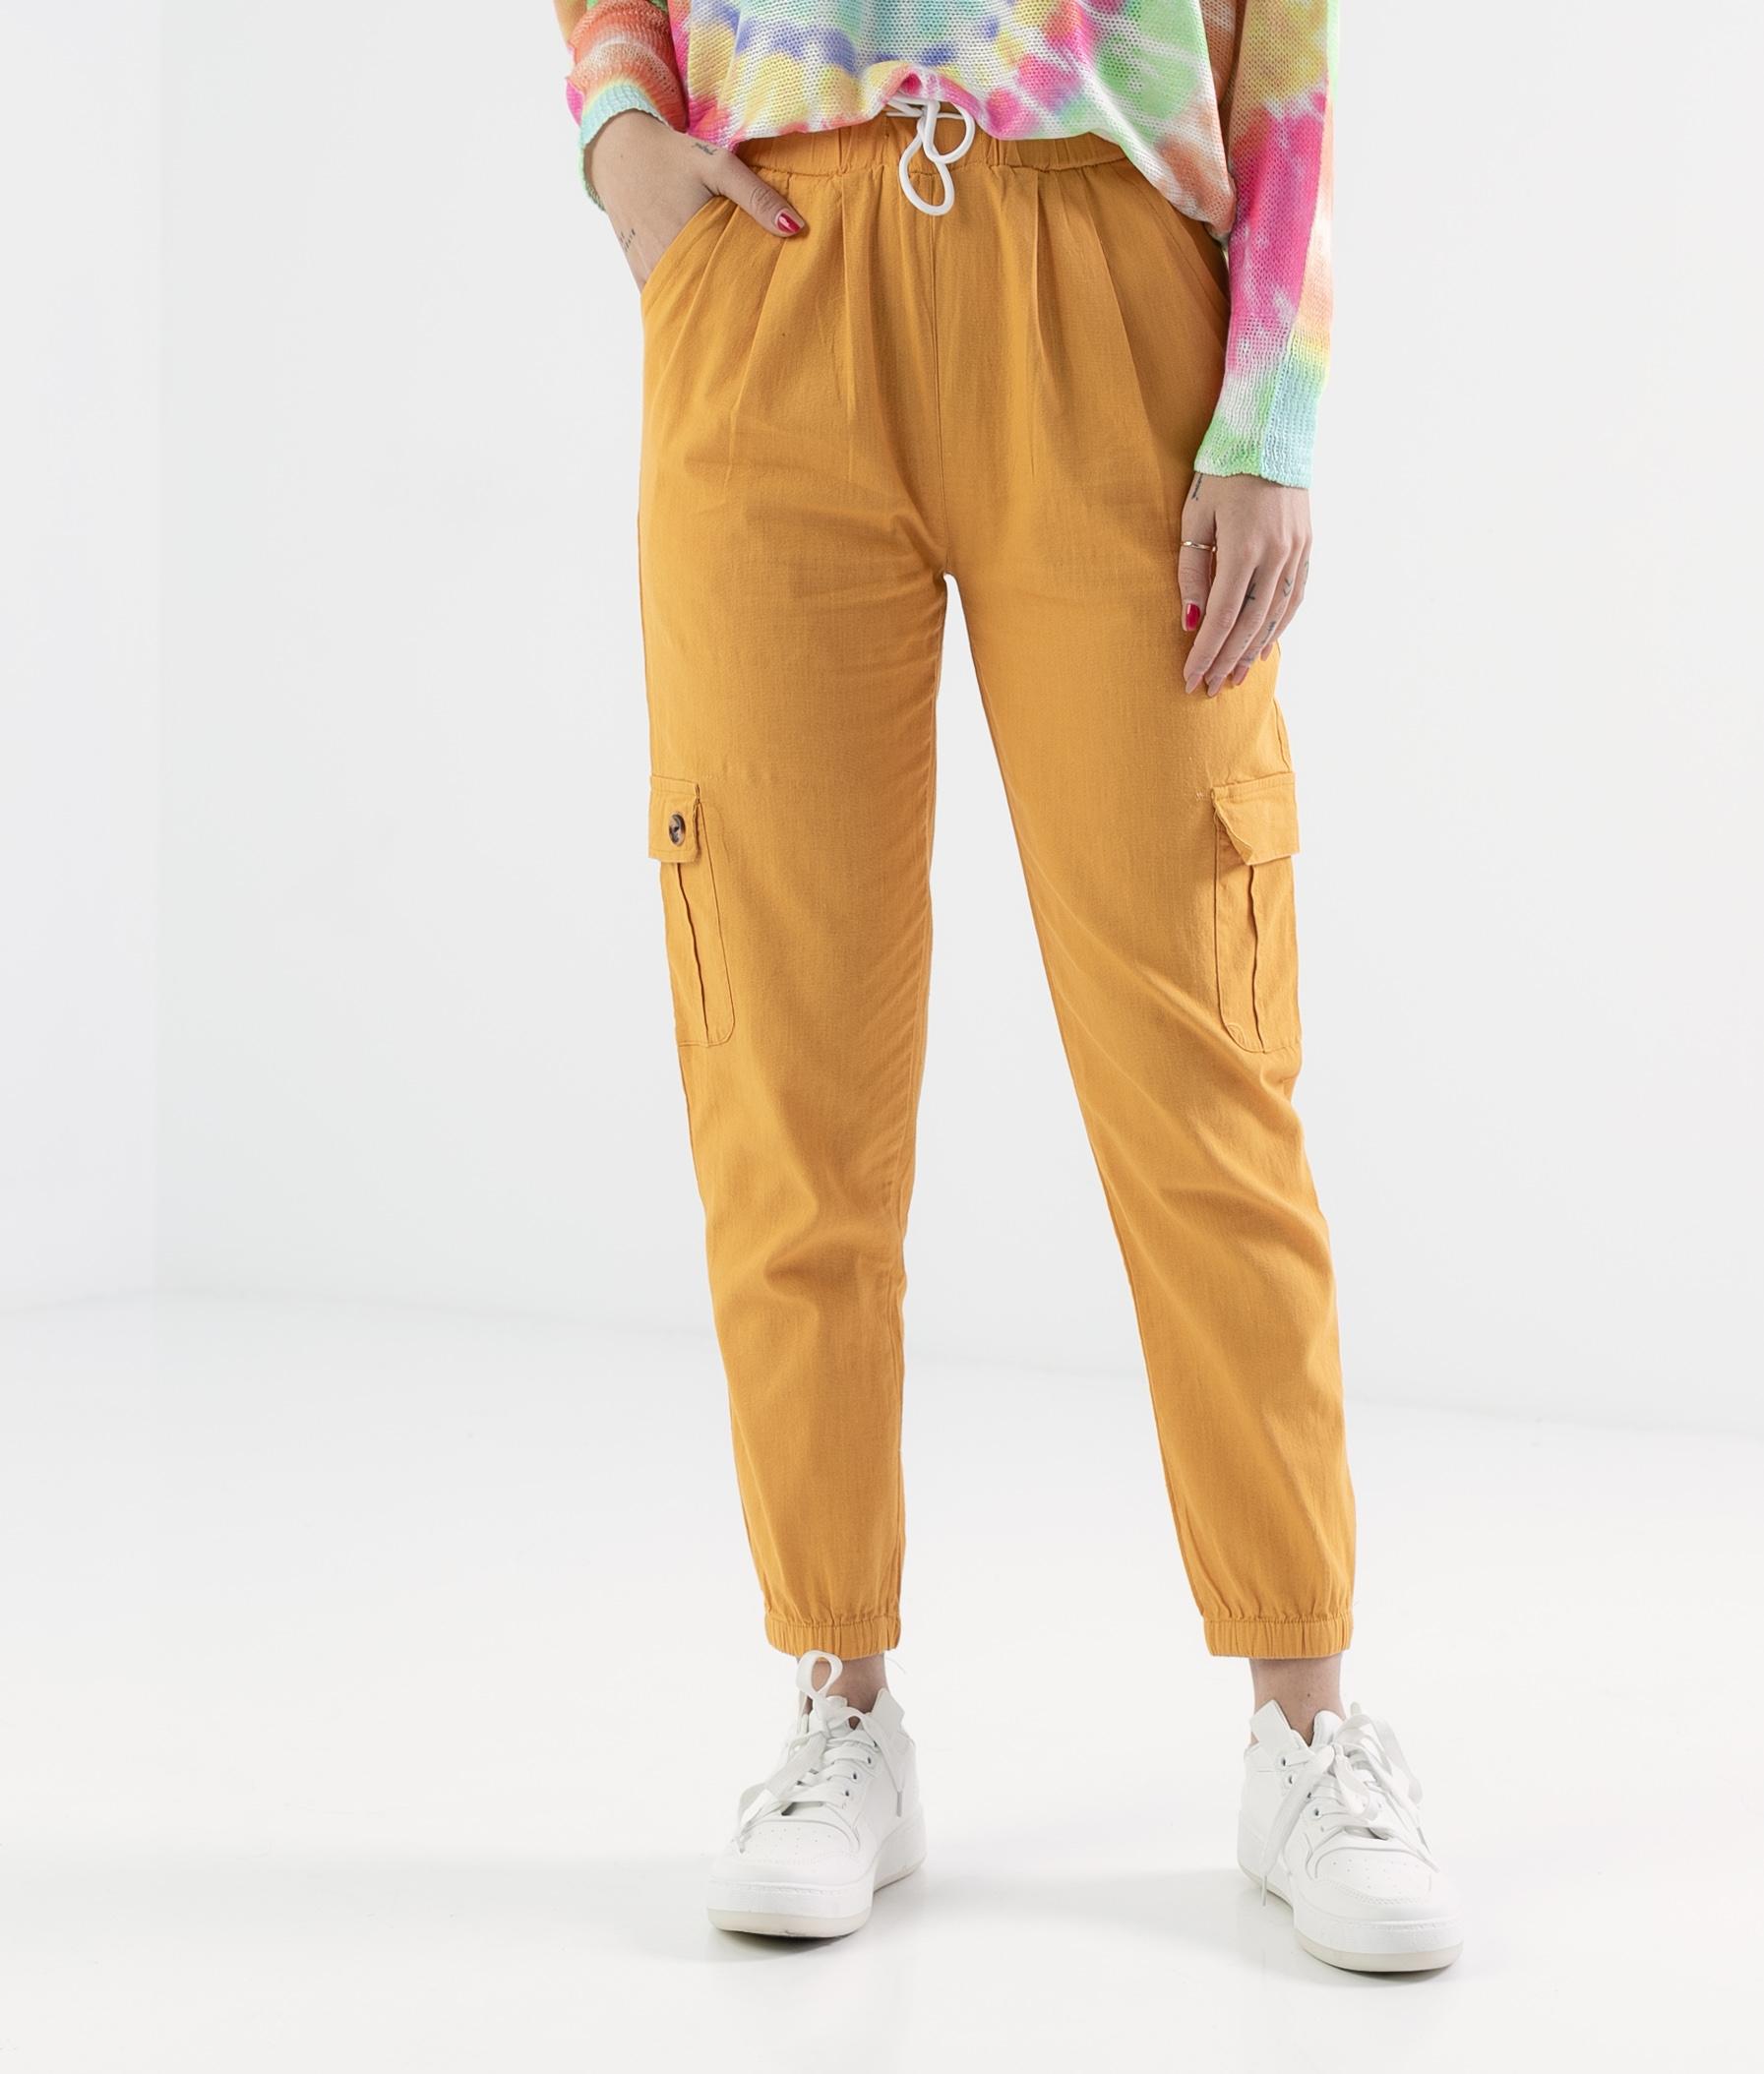 Pantalón Polne - Mustard